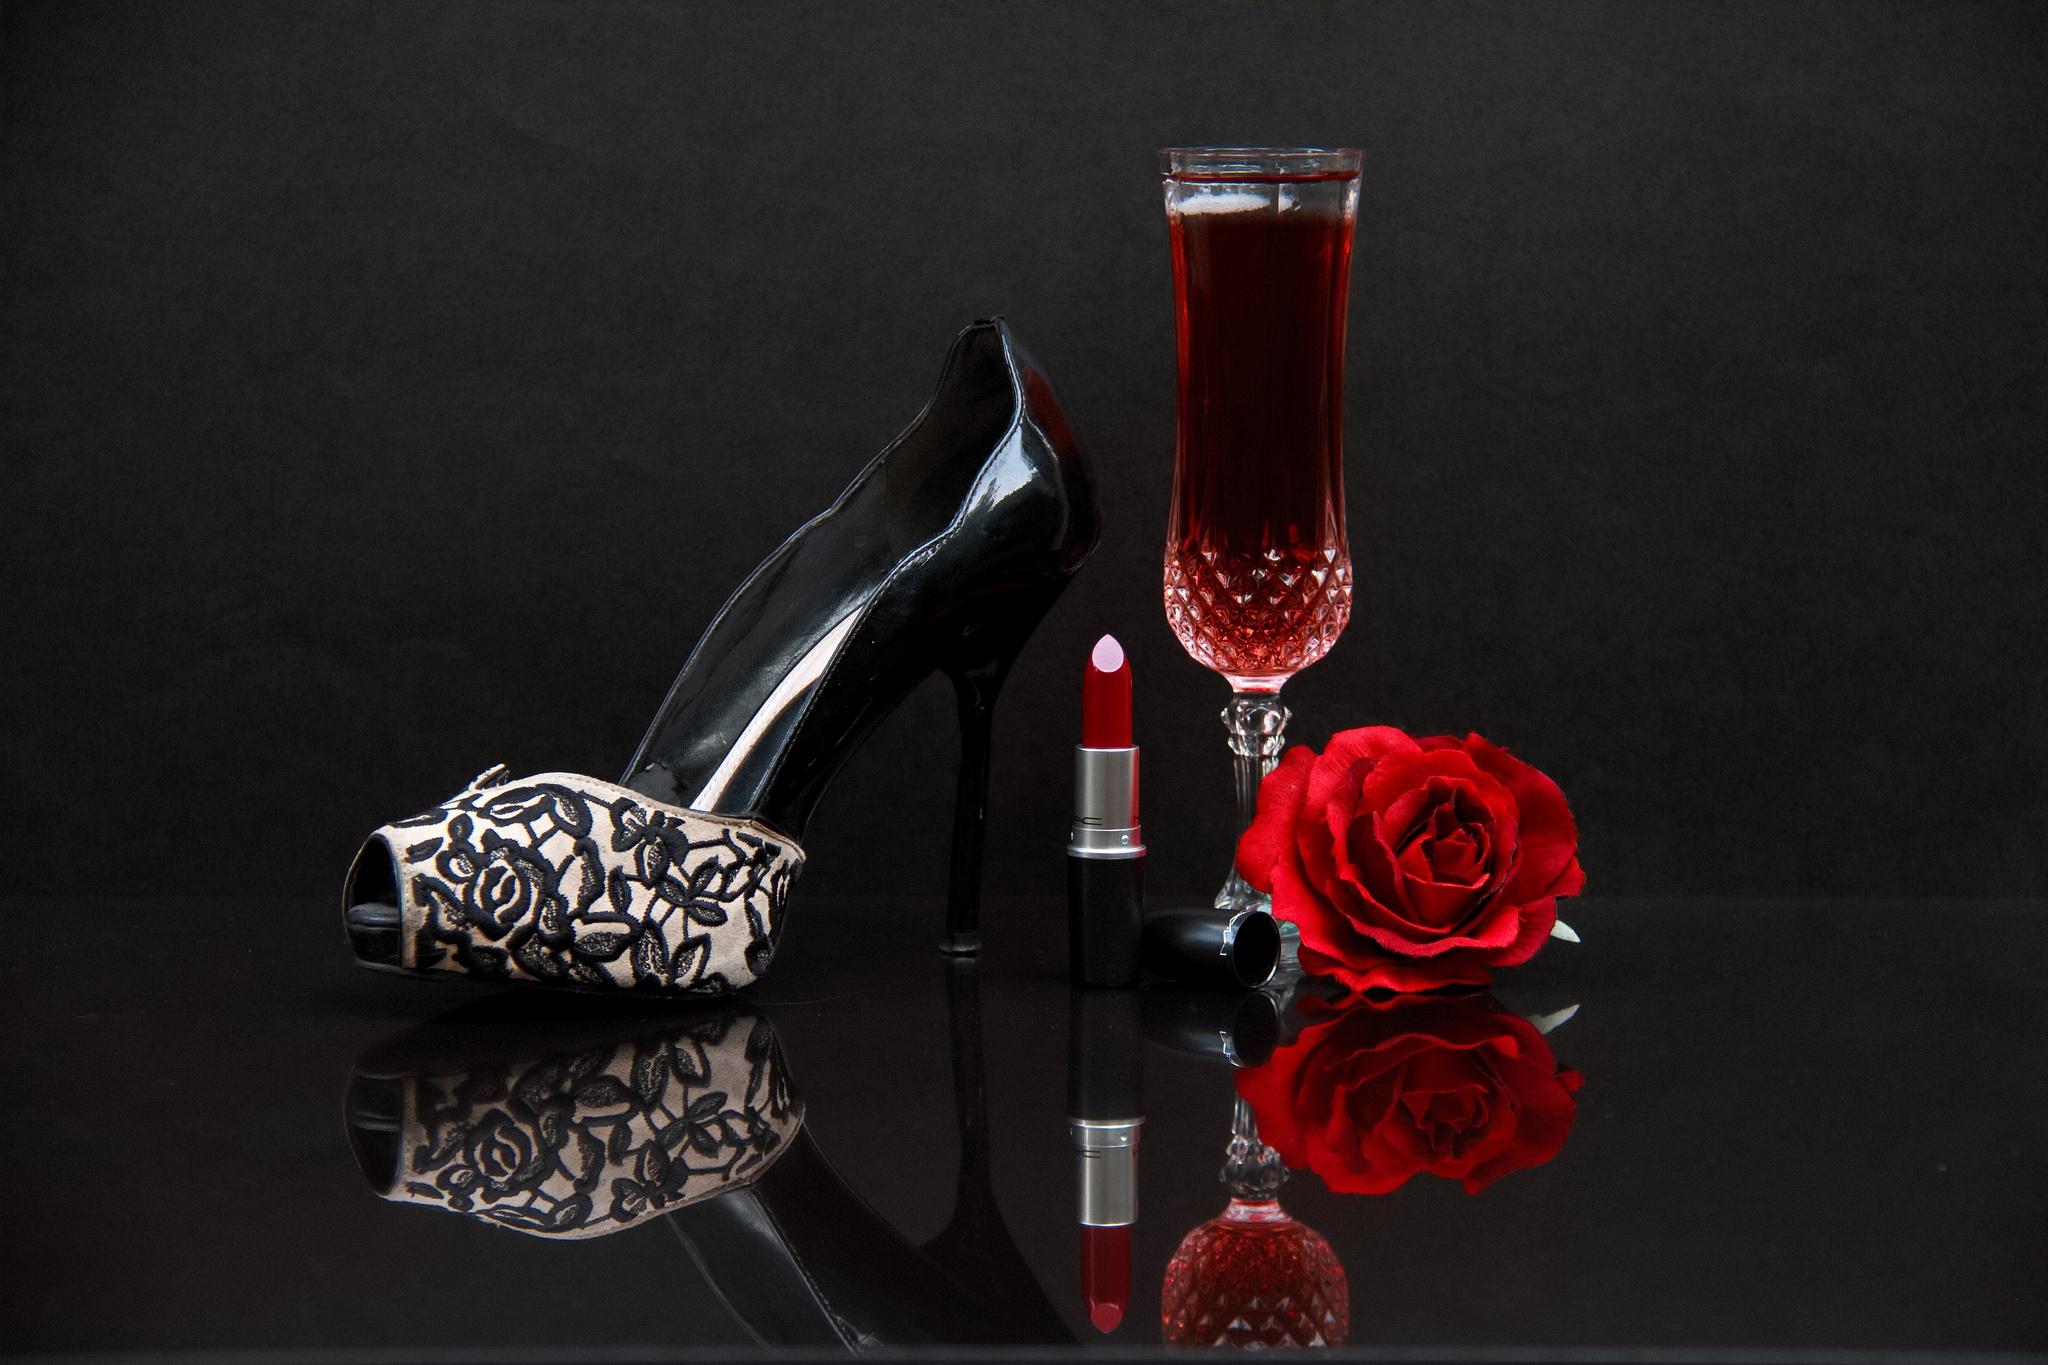 Туфли и розы  № 3398349 загрузить